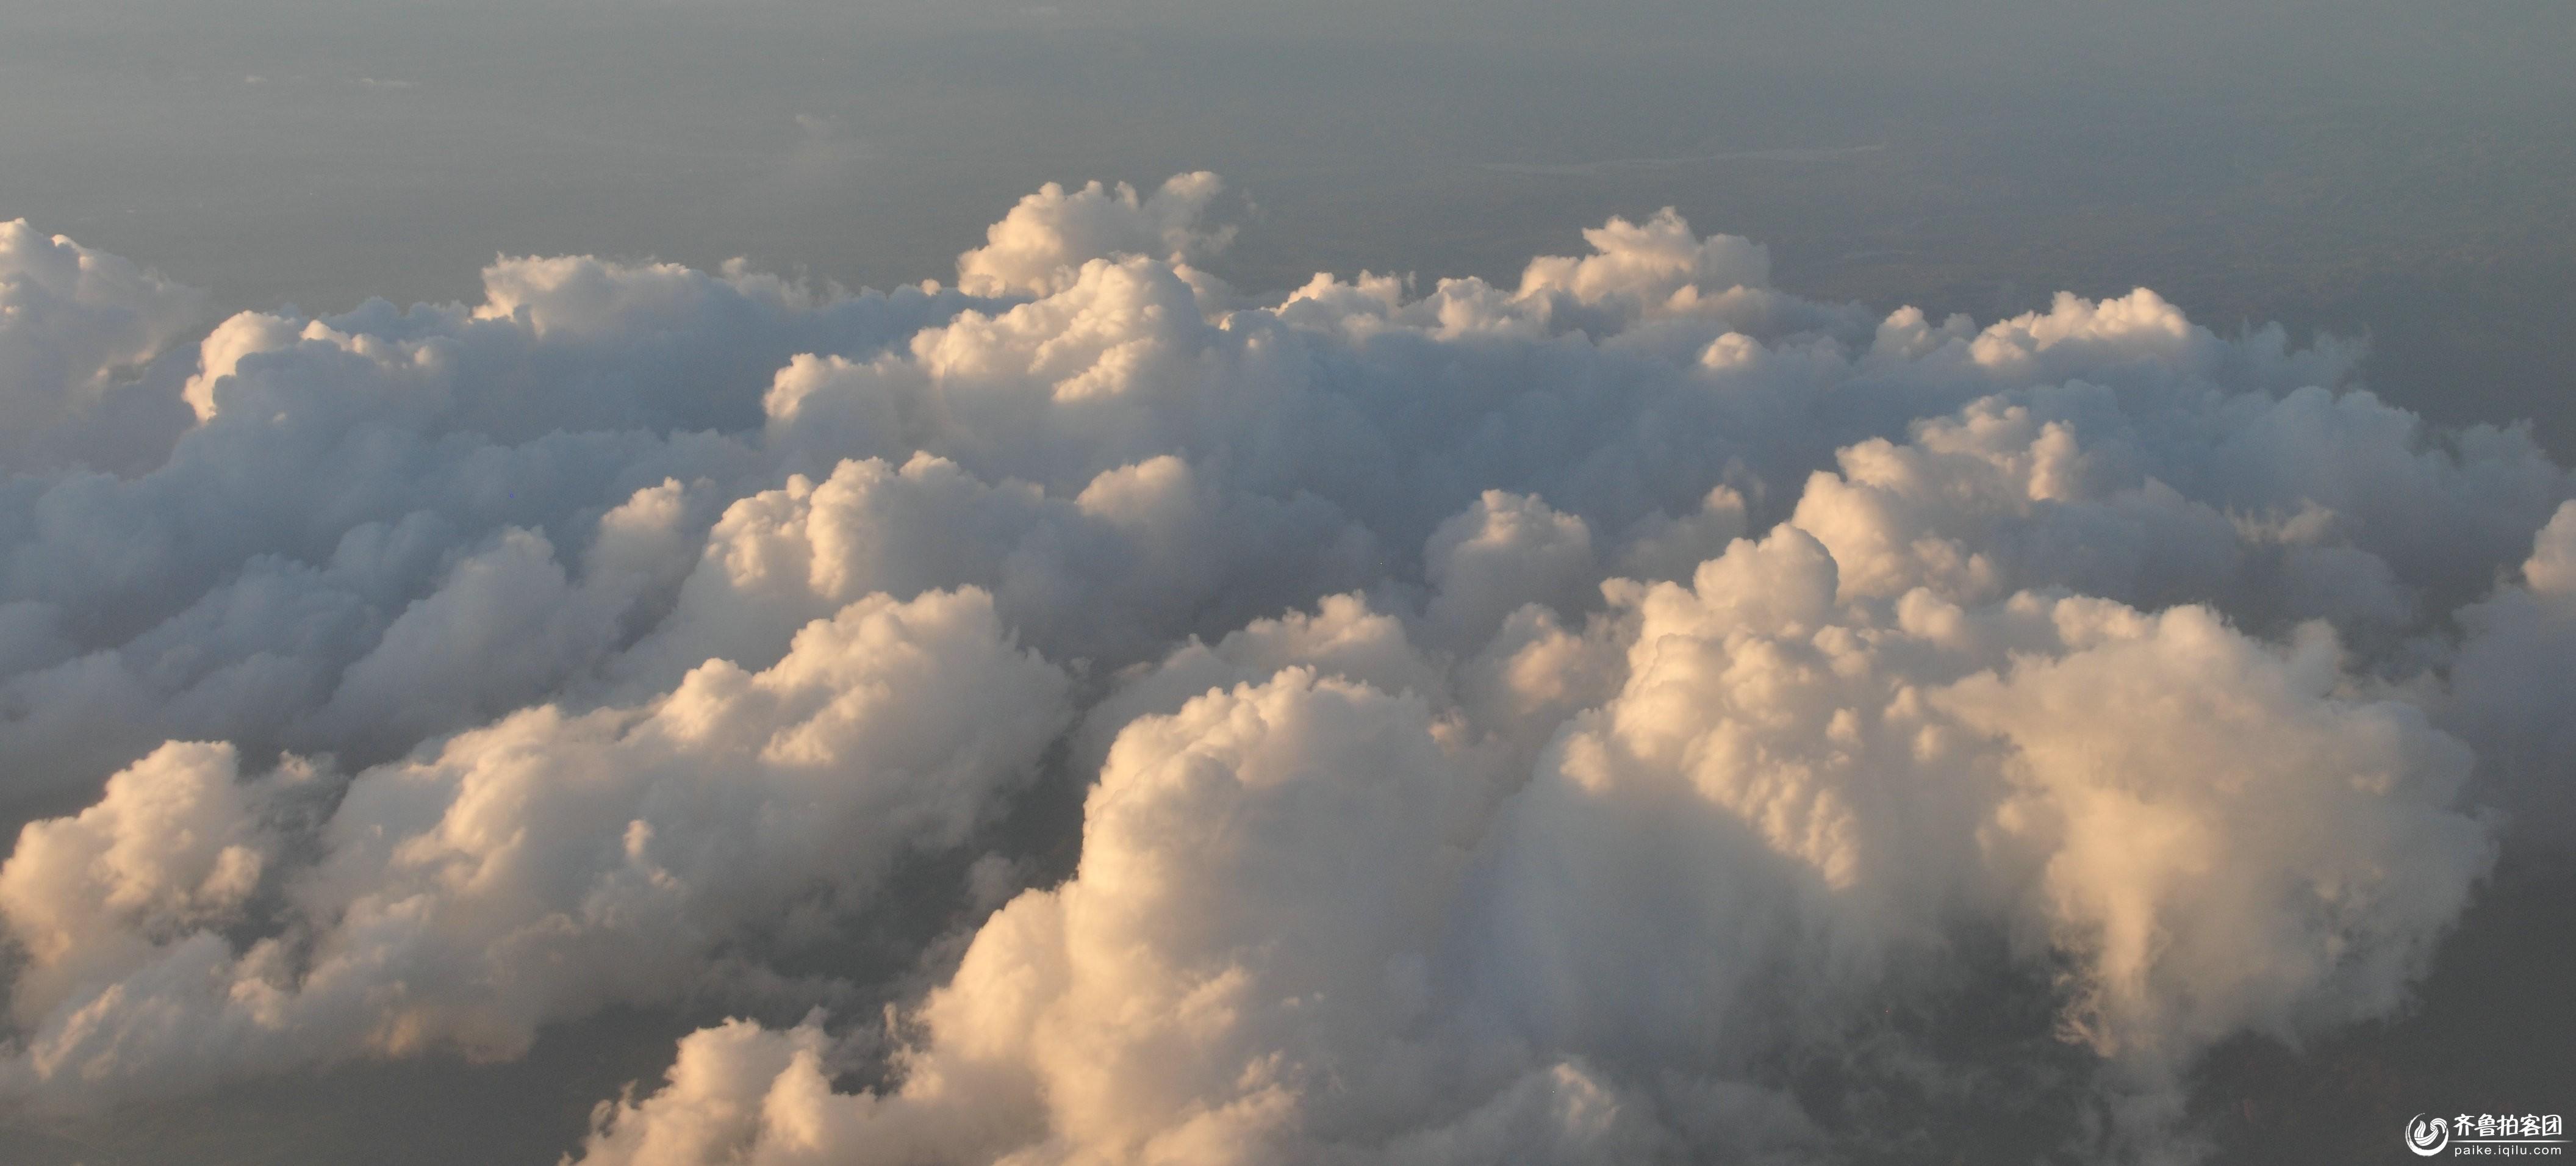 采一朵白云 做嫁衣